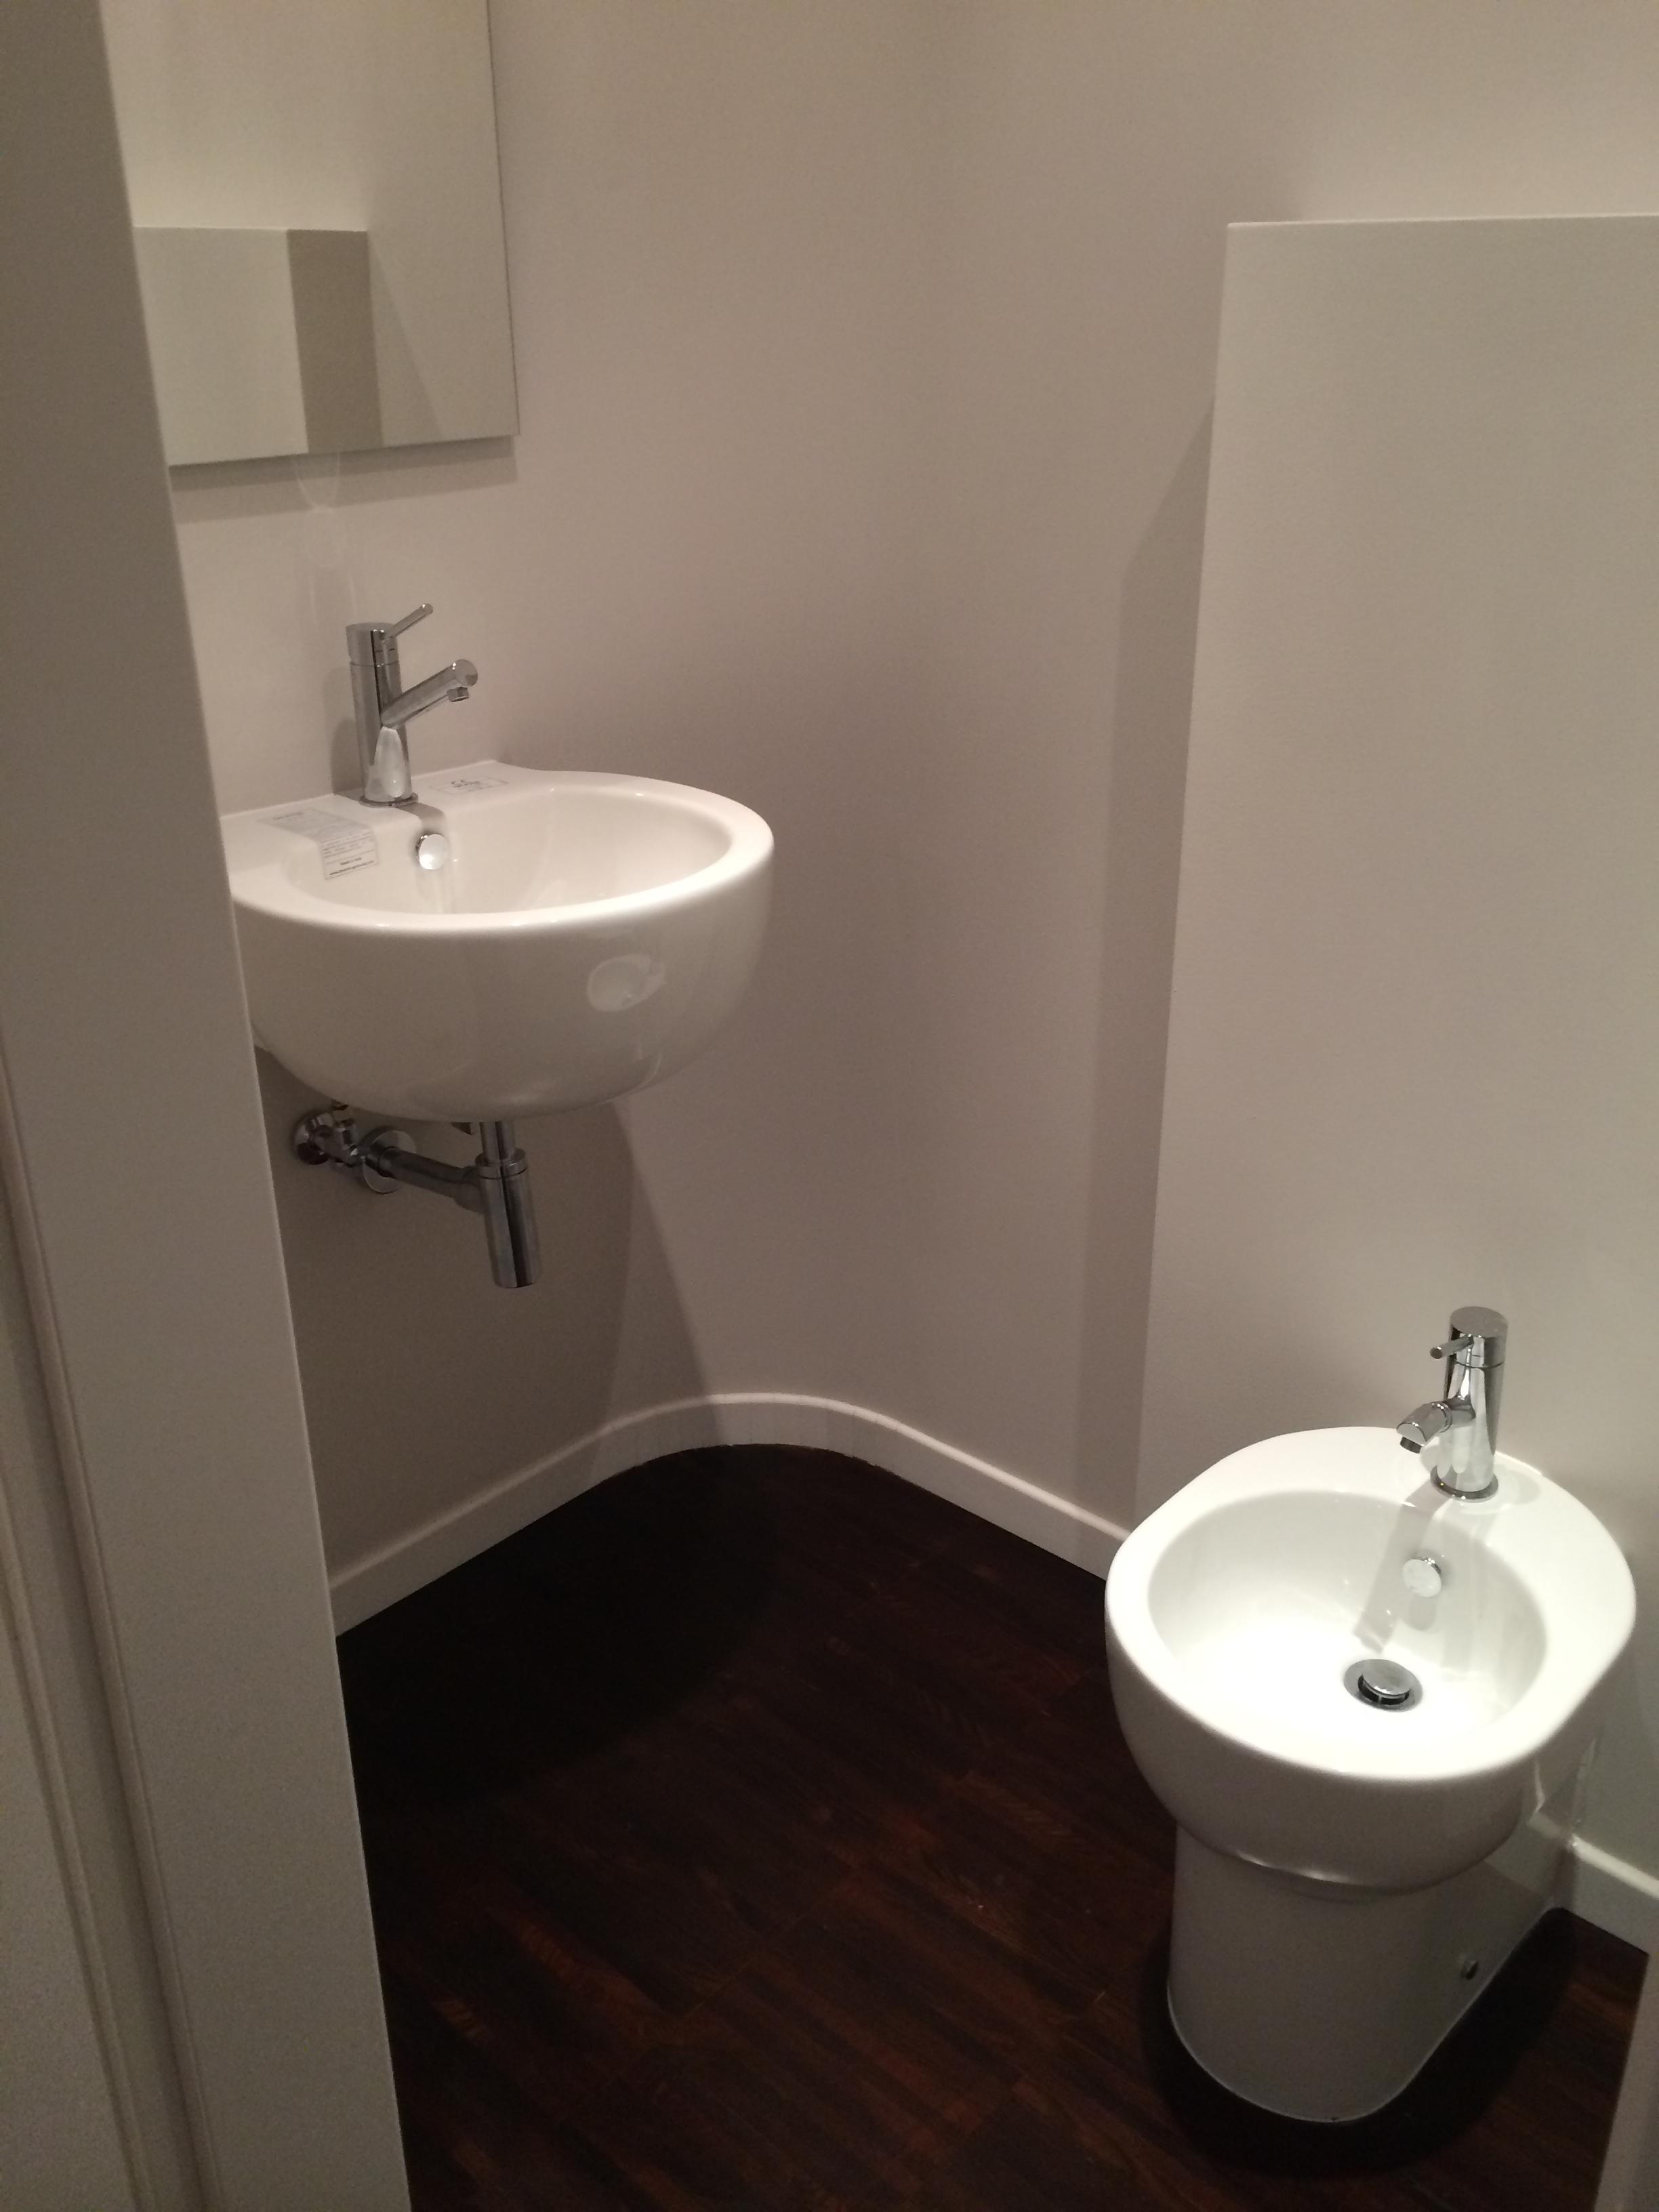 Via-canale-dettaglio-bagno